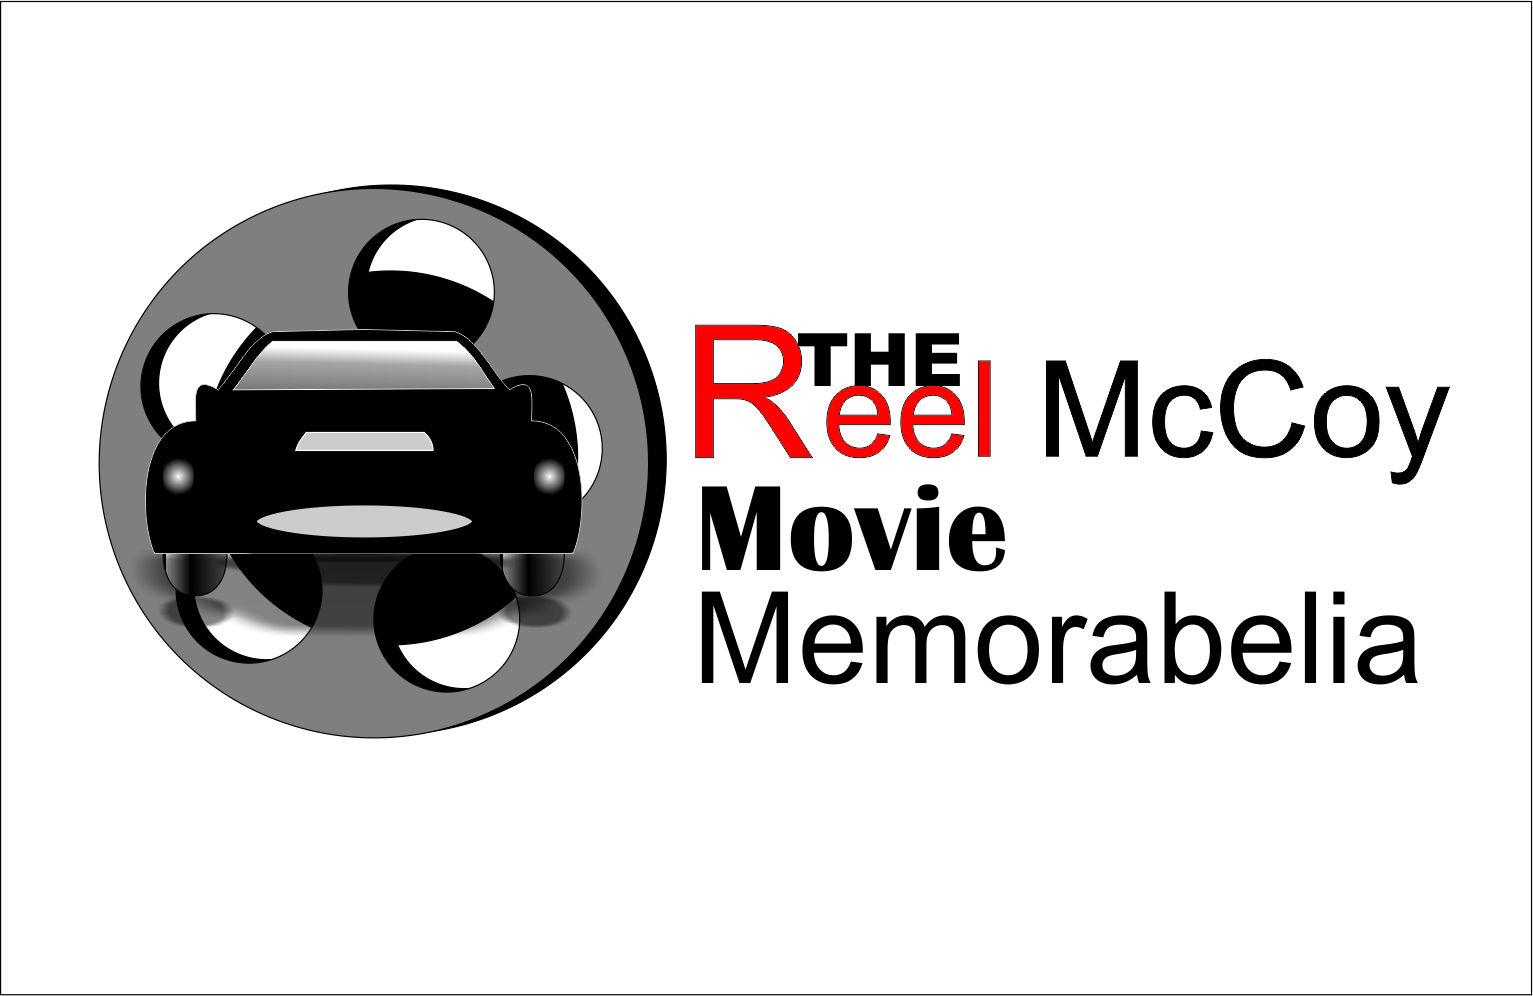 Logo Design by Agus Martoyo - Entry No. 26 in the Logo Design Contest Unique Logo Design Wanted for The Reel McCoy Movie Memorabilia.